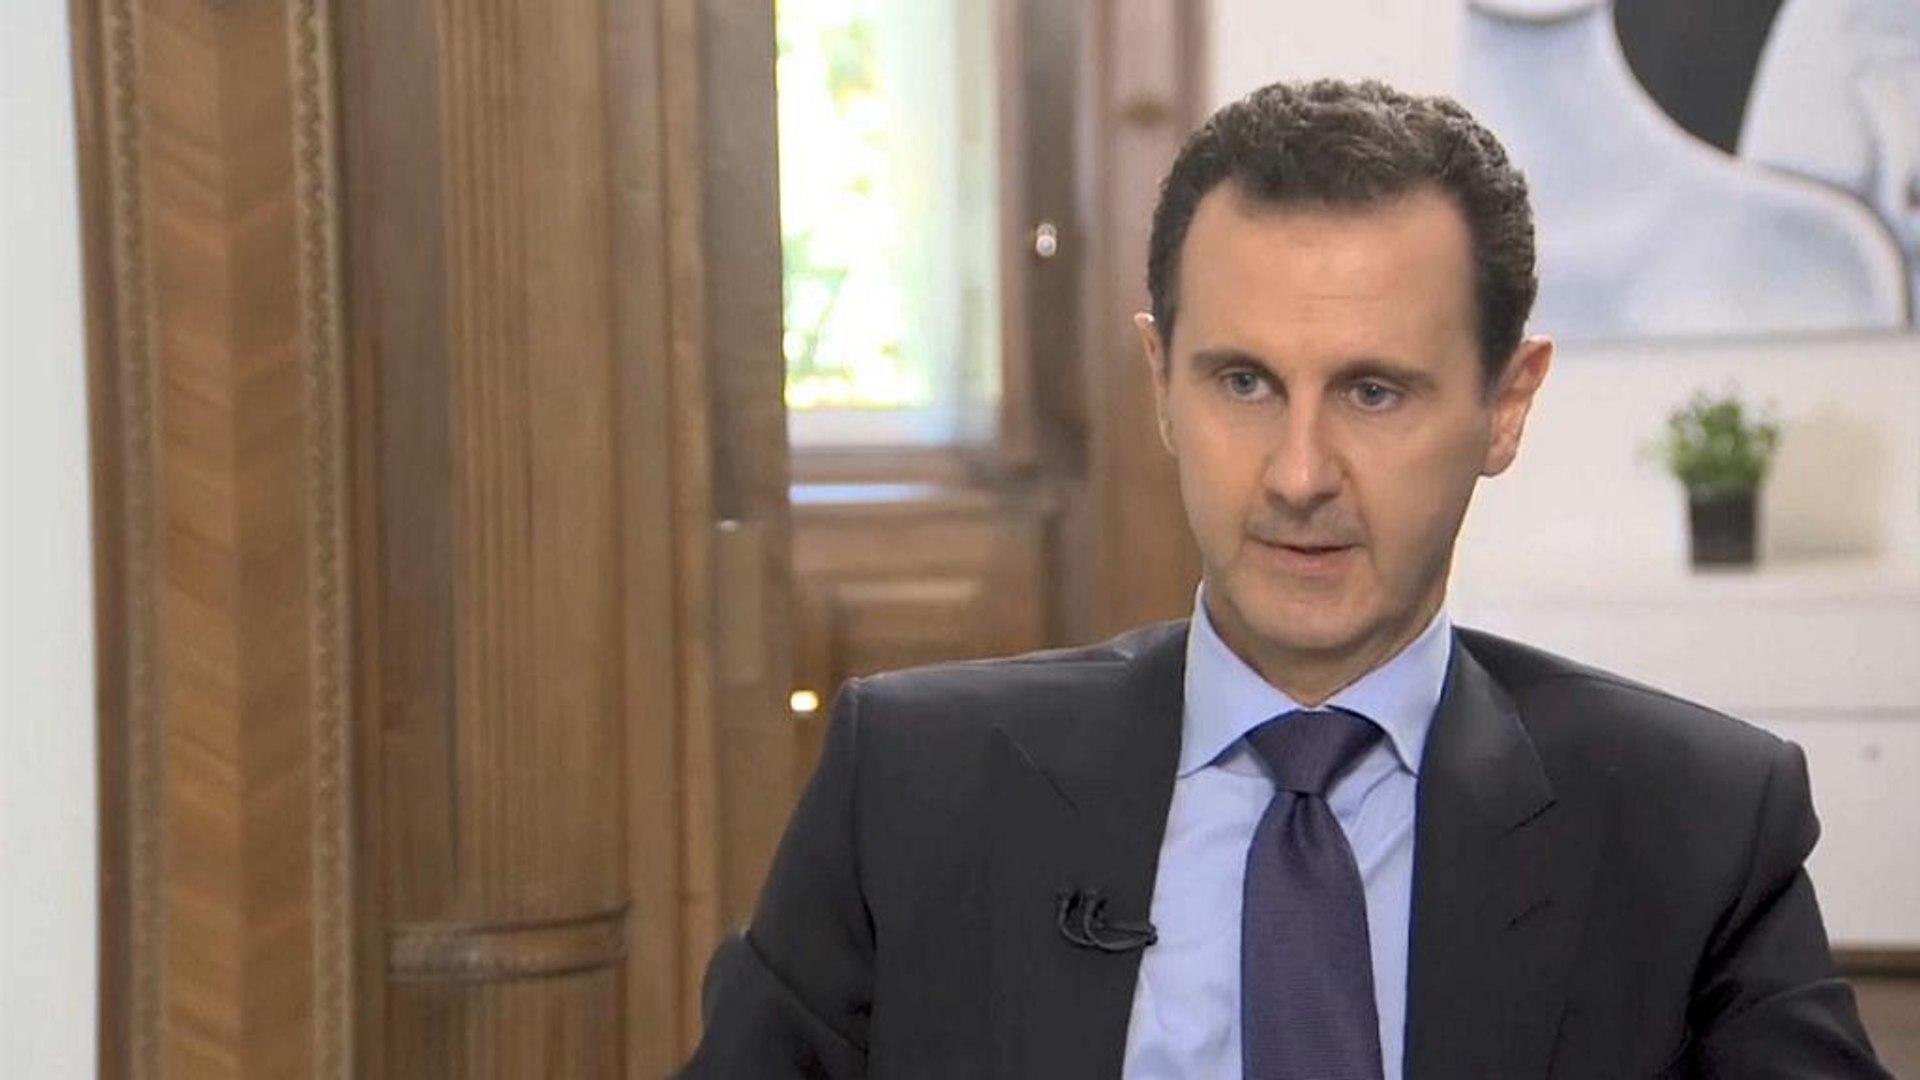 الأسد: رواية الكيميائي مغلوطة.. ولن نسمح بمشاركة الغرب في إعمار سوريا